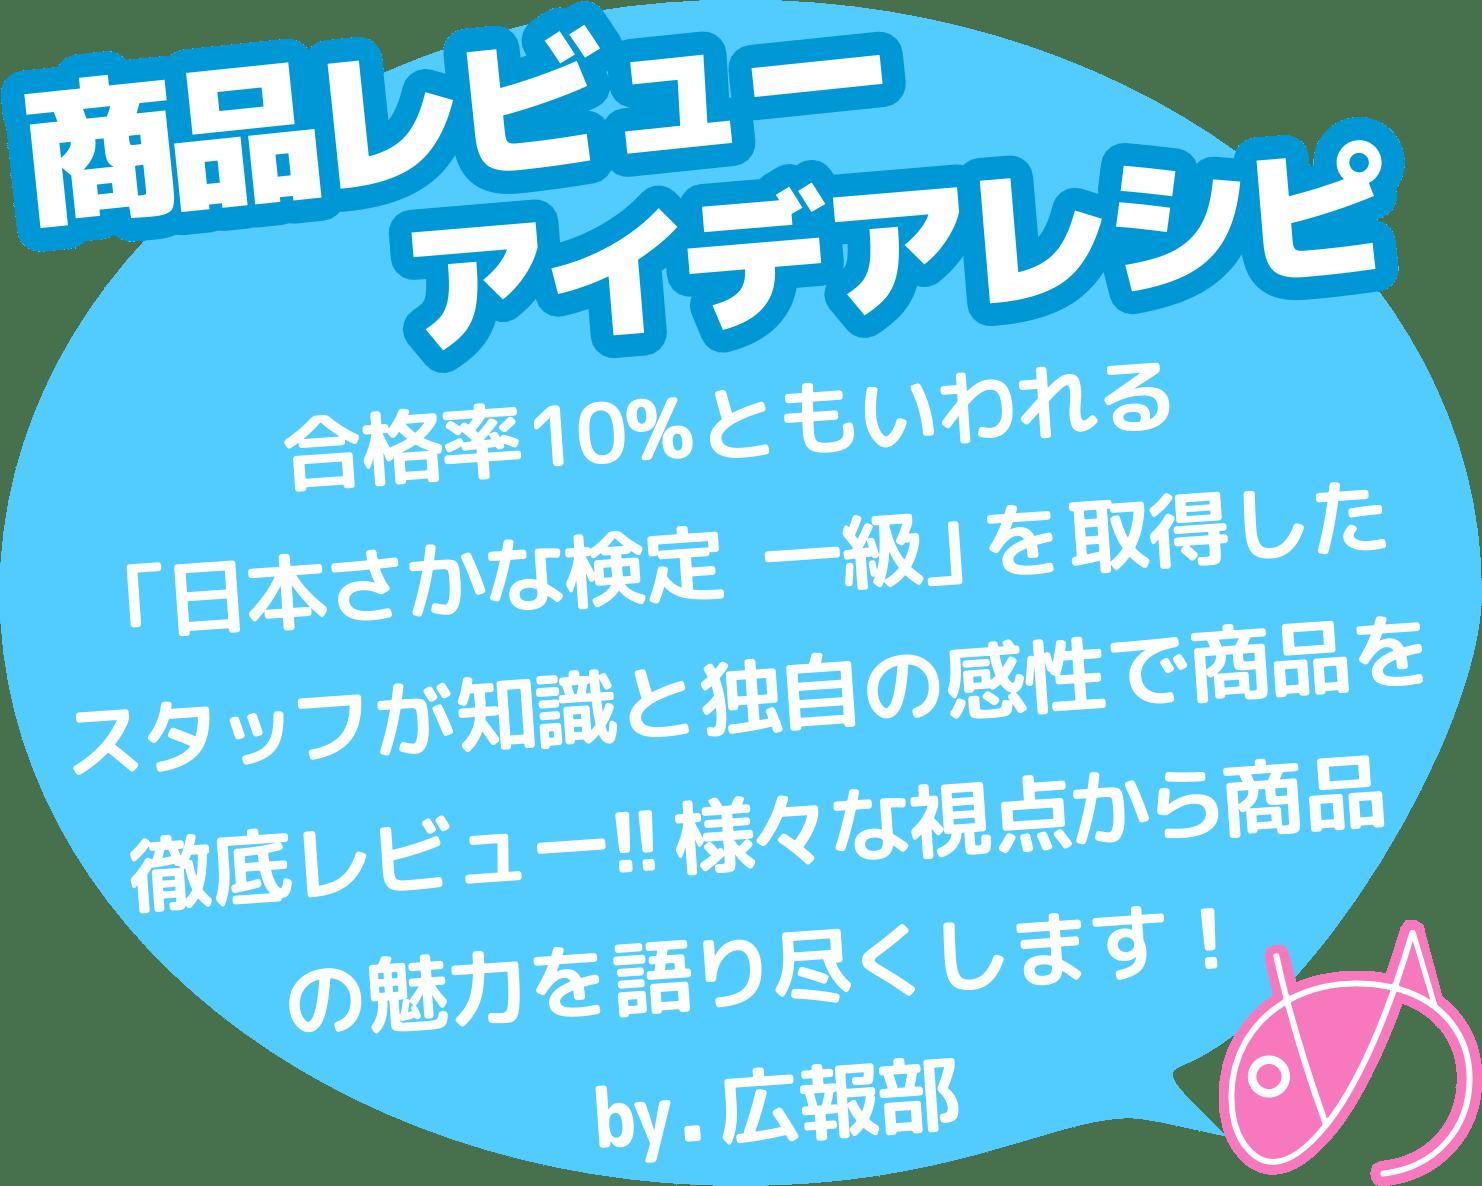 商品レビュー、アイデアレシピ。合格率10%ともいわれる「日本さかな検定 一級」を取得したスタッフが知識と独自の感性で商品を徹底レビュー!!様々な視点から商品の魅力を語り尽くします!by.広報部